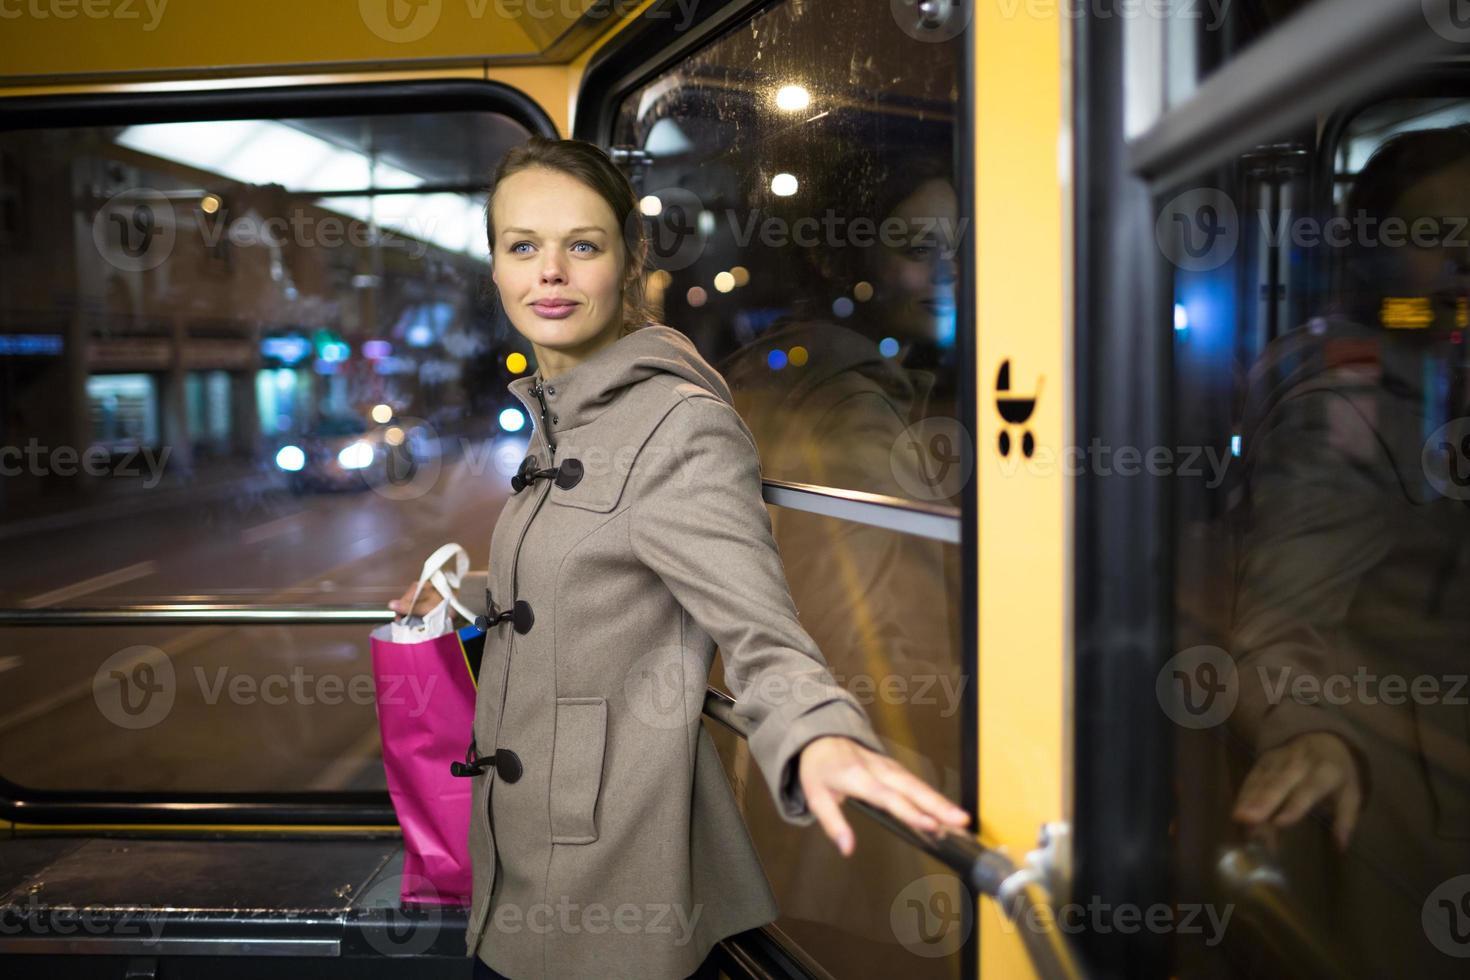 mujer bonita y joven en un tranvía / tranvía foto